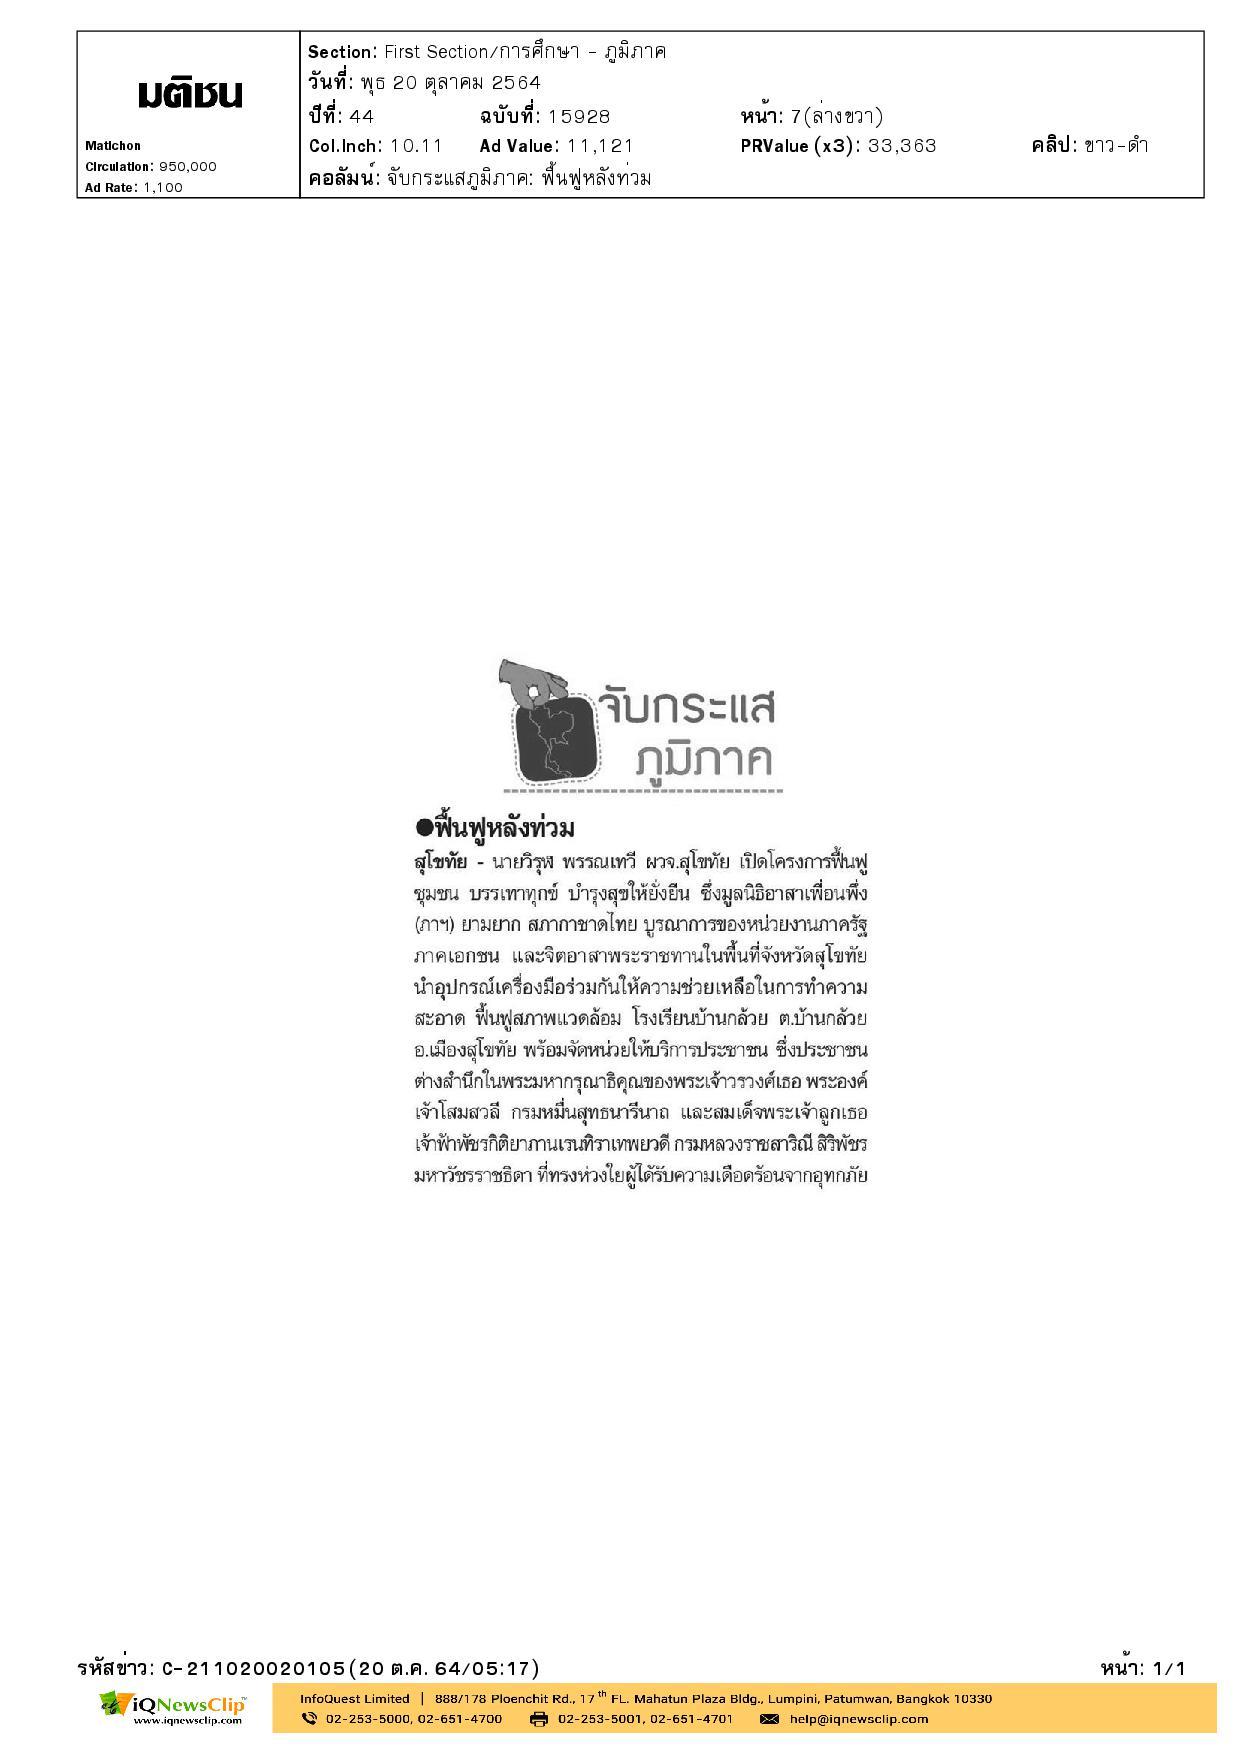 โครงการฟื้นฟูชุมชน บรรเทาทุกข์ บำรุงสุขให้ยั่งยืน โดยมูลนิธิอาสาเพื่อนพึ่ง (ภาฯ) ยามยาก สภากาชาดไทย